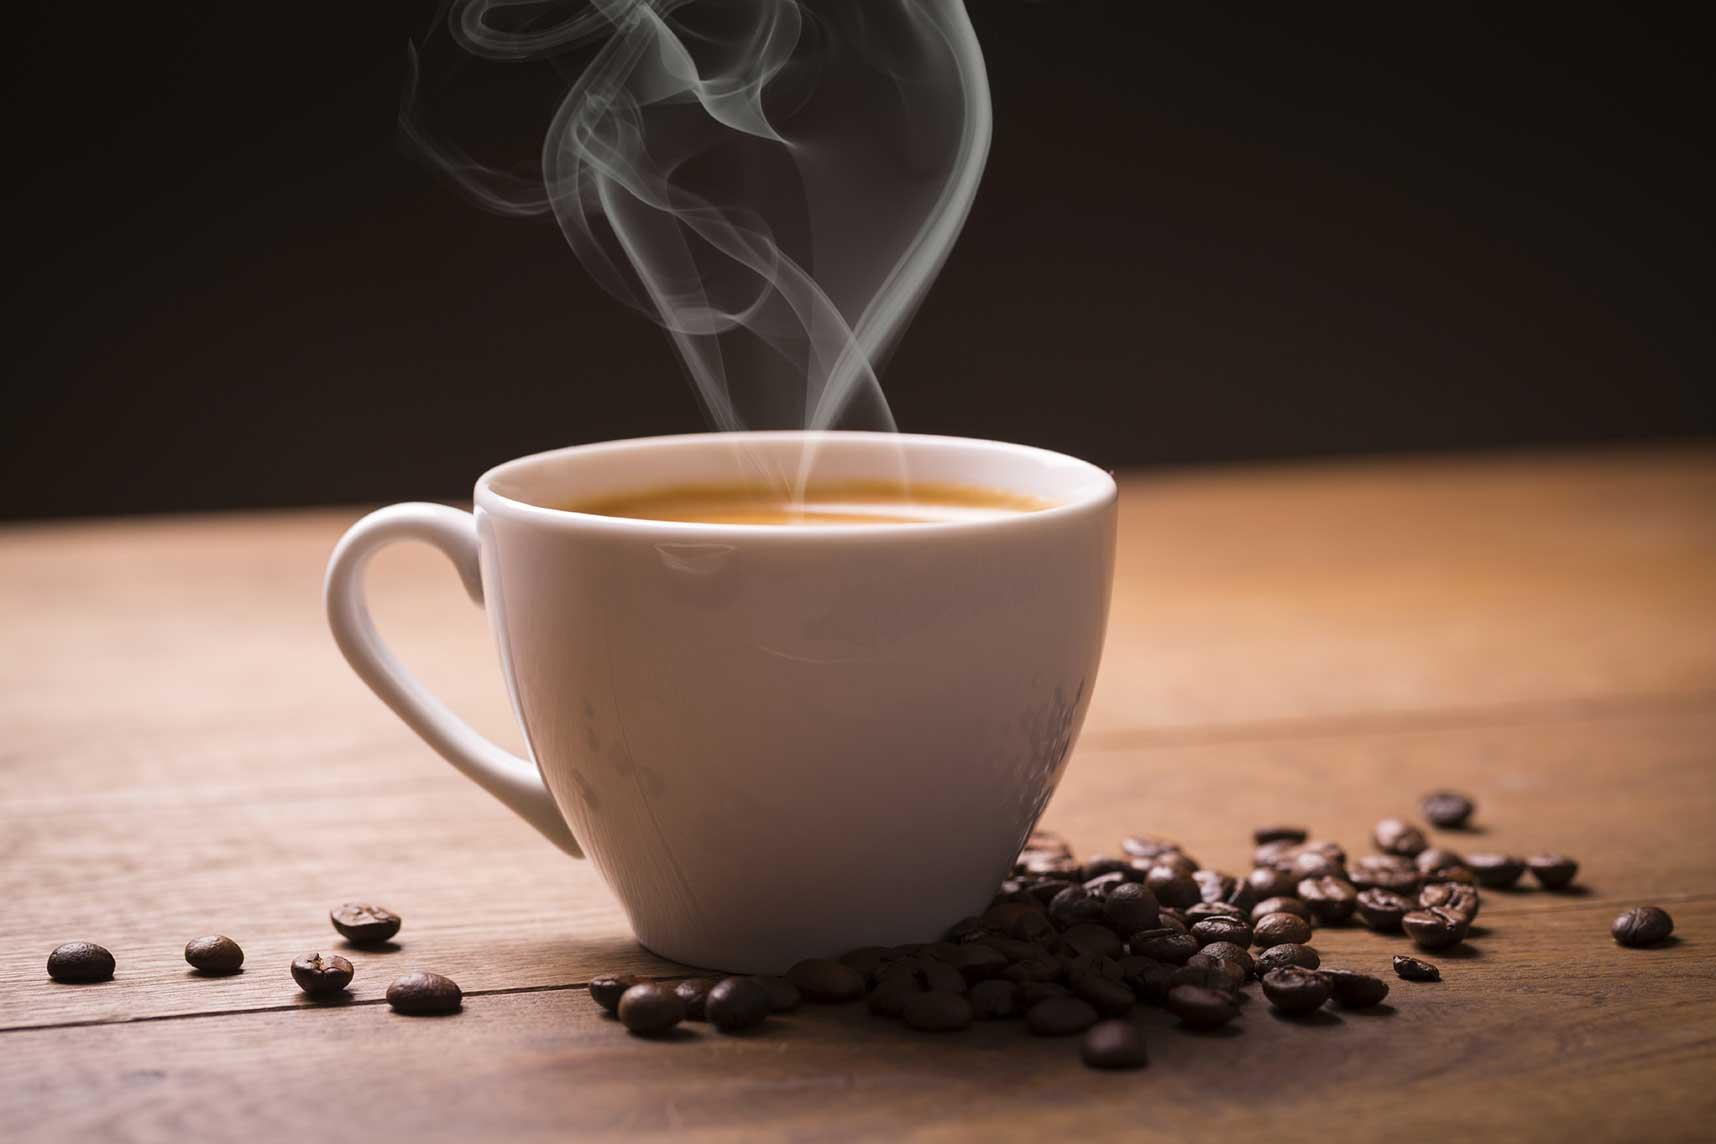 Il cafestolo del caffè per prevenire il diabete?